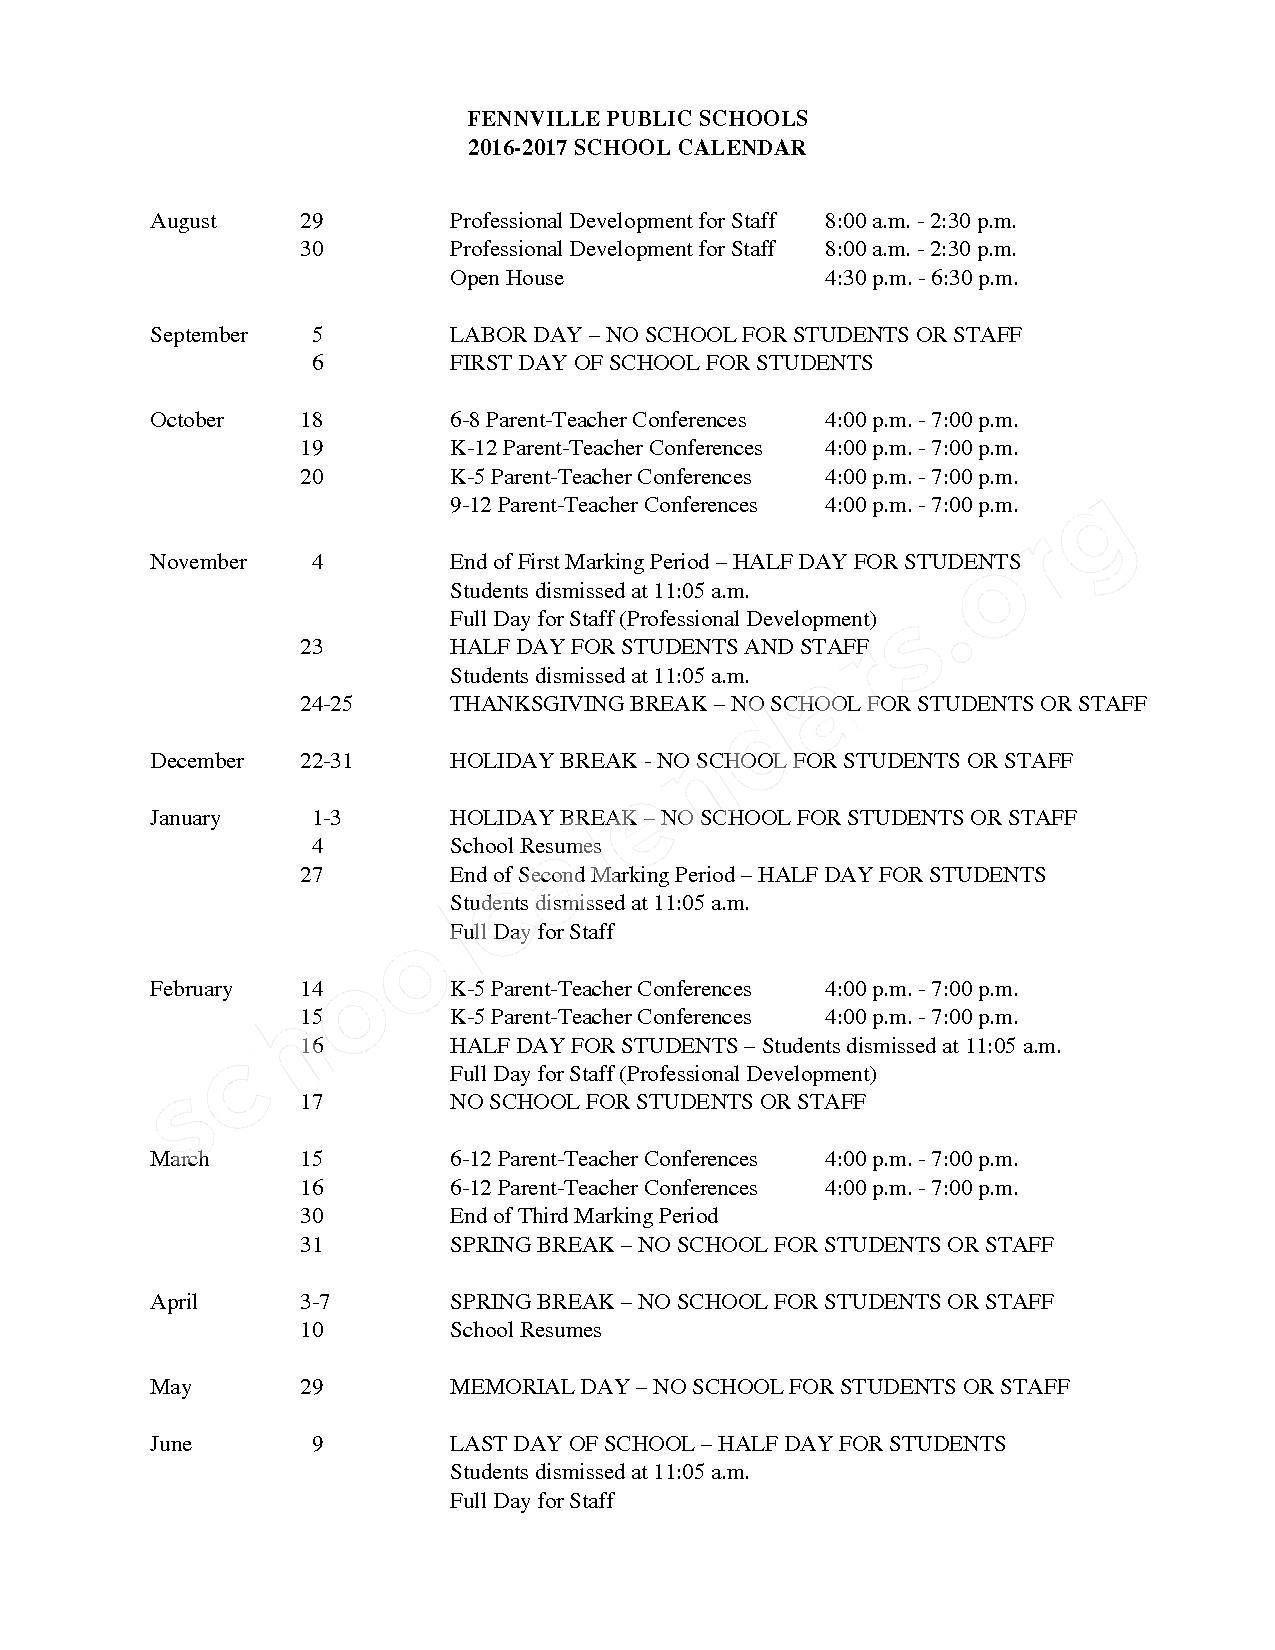 2016 - 2017 School Calendar – Fennville Public Schools – page 1